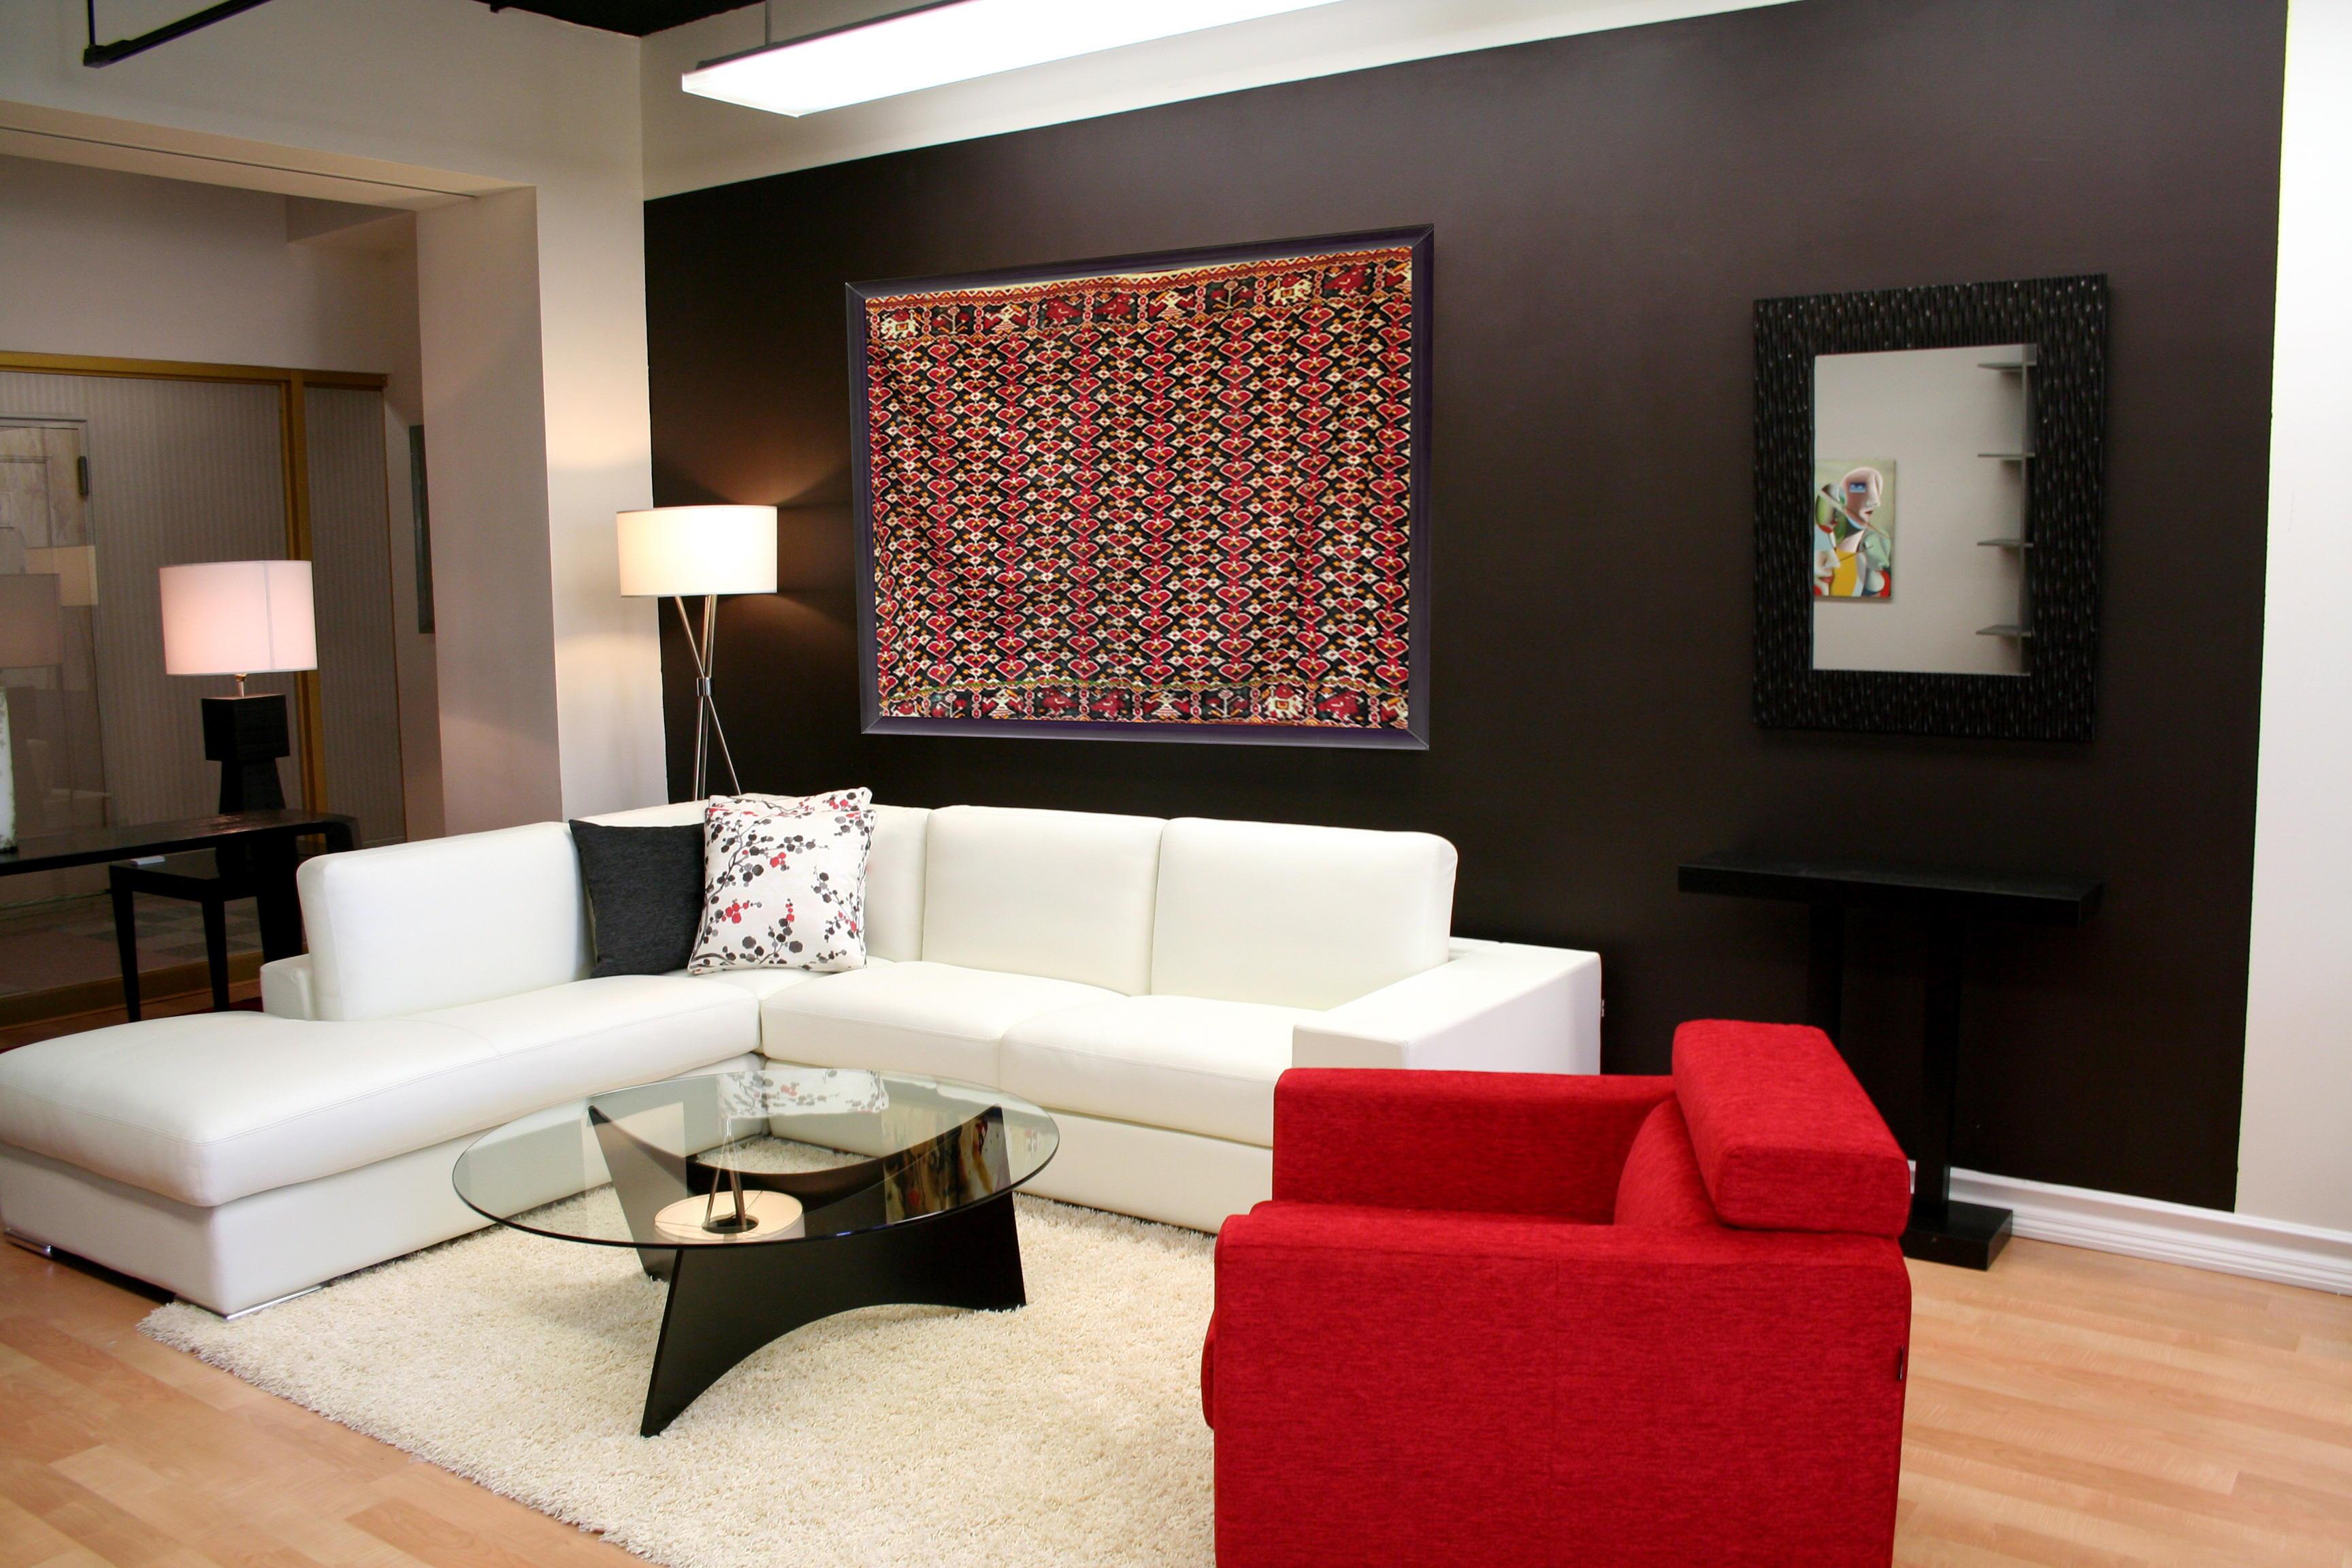 interior decor design home office wall art framed 5. Black Bedroom Furniture Sets. Home Design Ideas